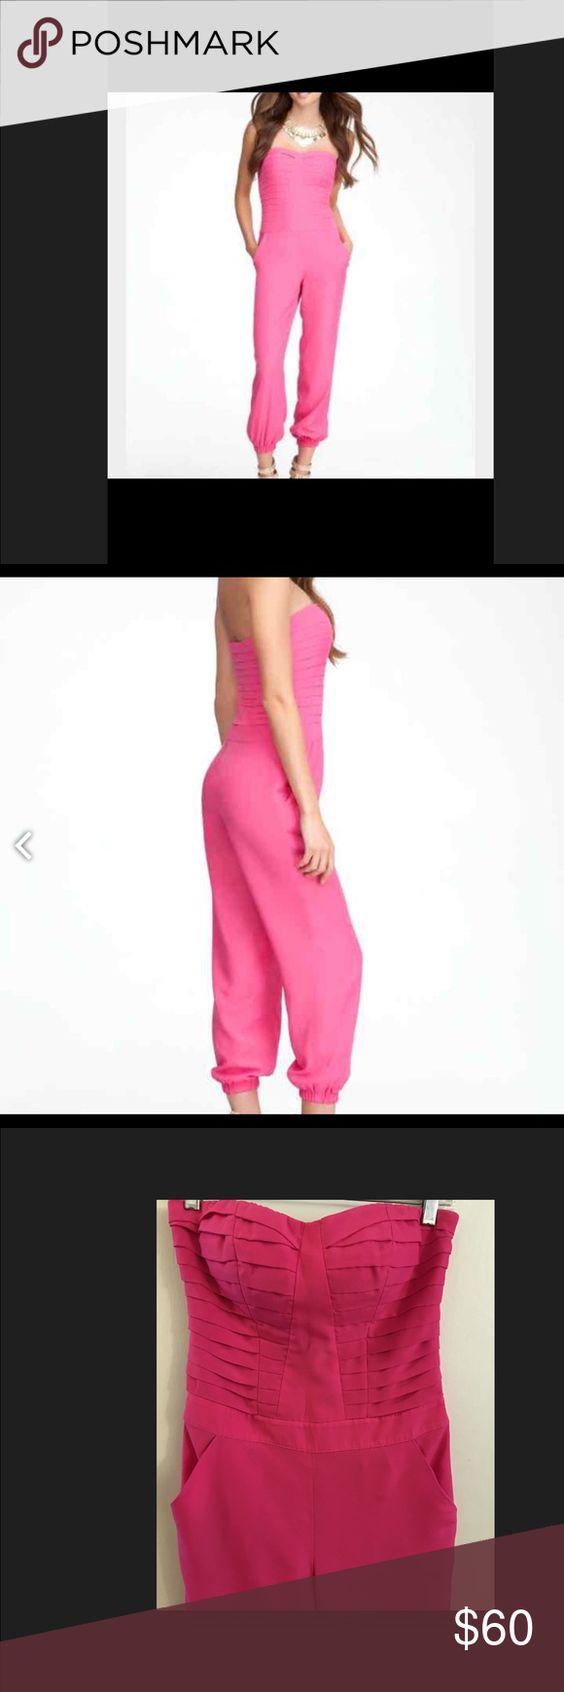 Bebe jumpsuit Pink Bebe jumpsuit size xs bebe Pants